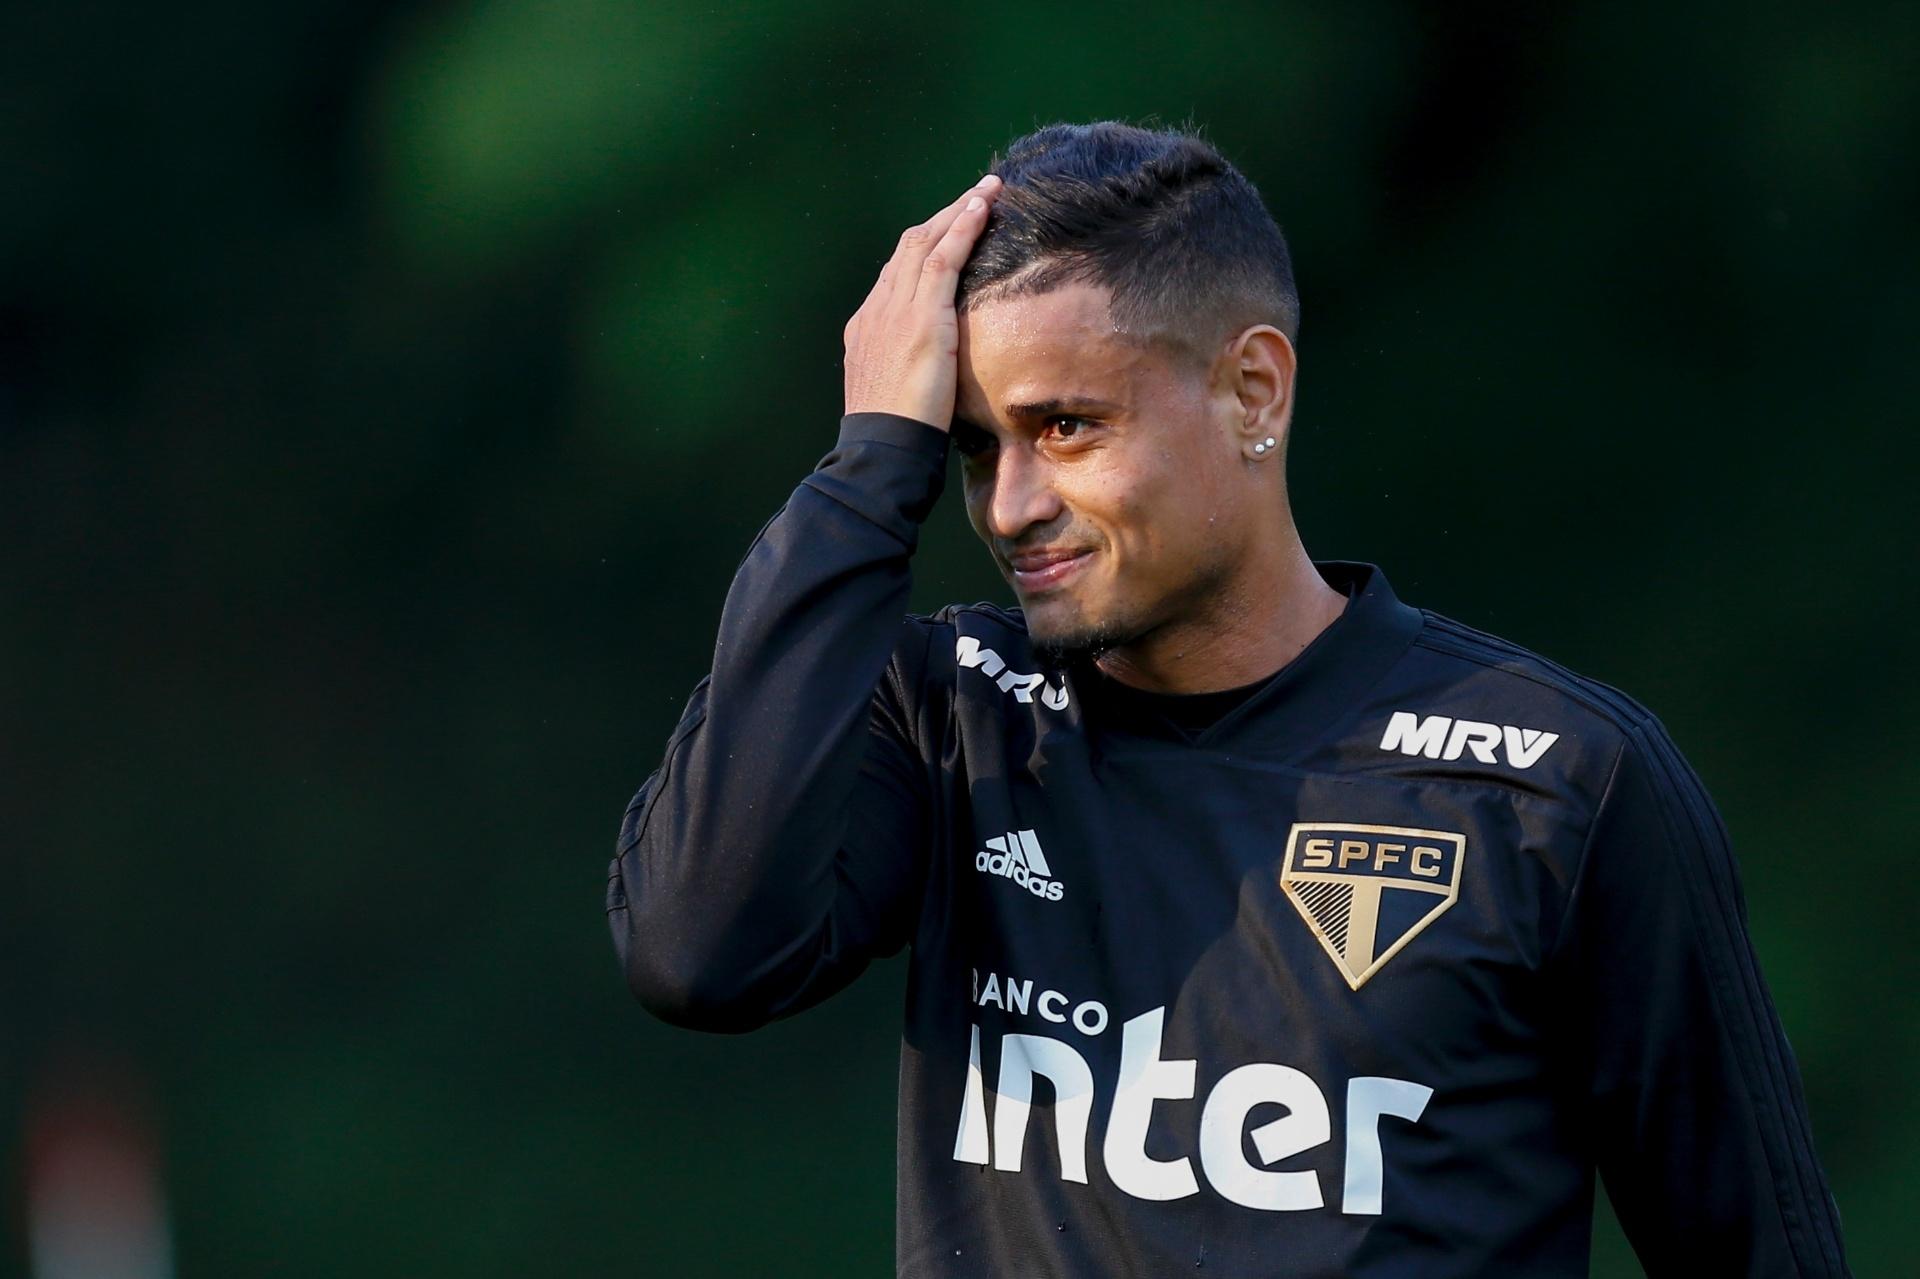 Exame aponta estiramento e Everton inicia tratamento no São Paulo - Esporte  - BOL 27f82497617c8